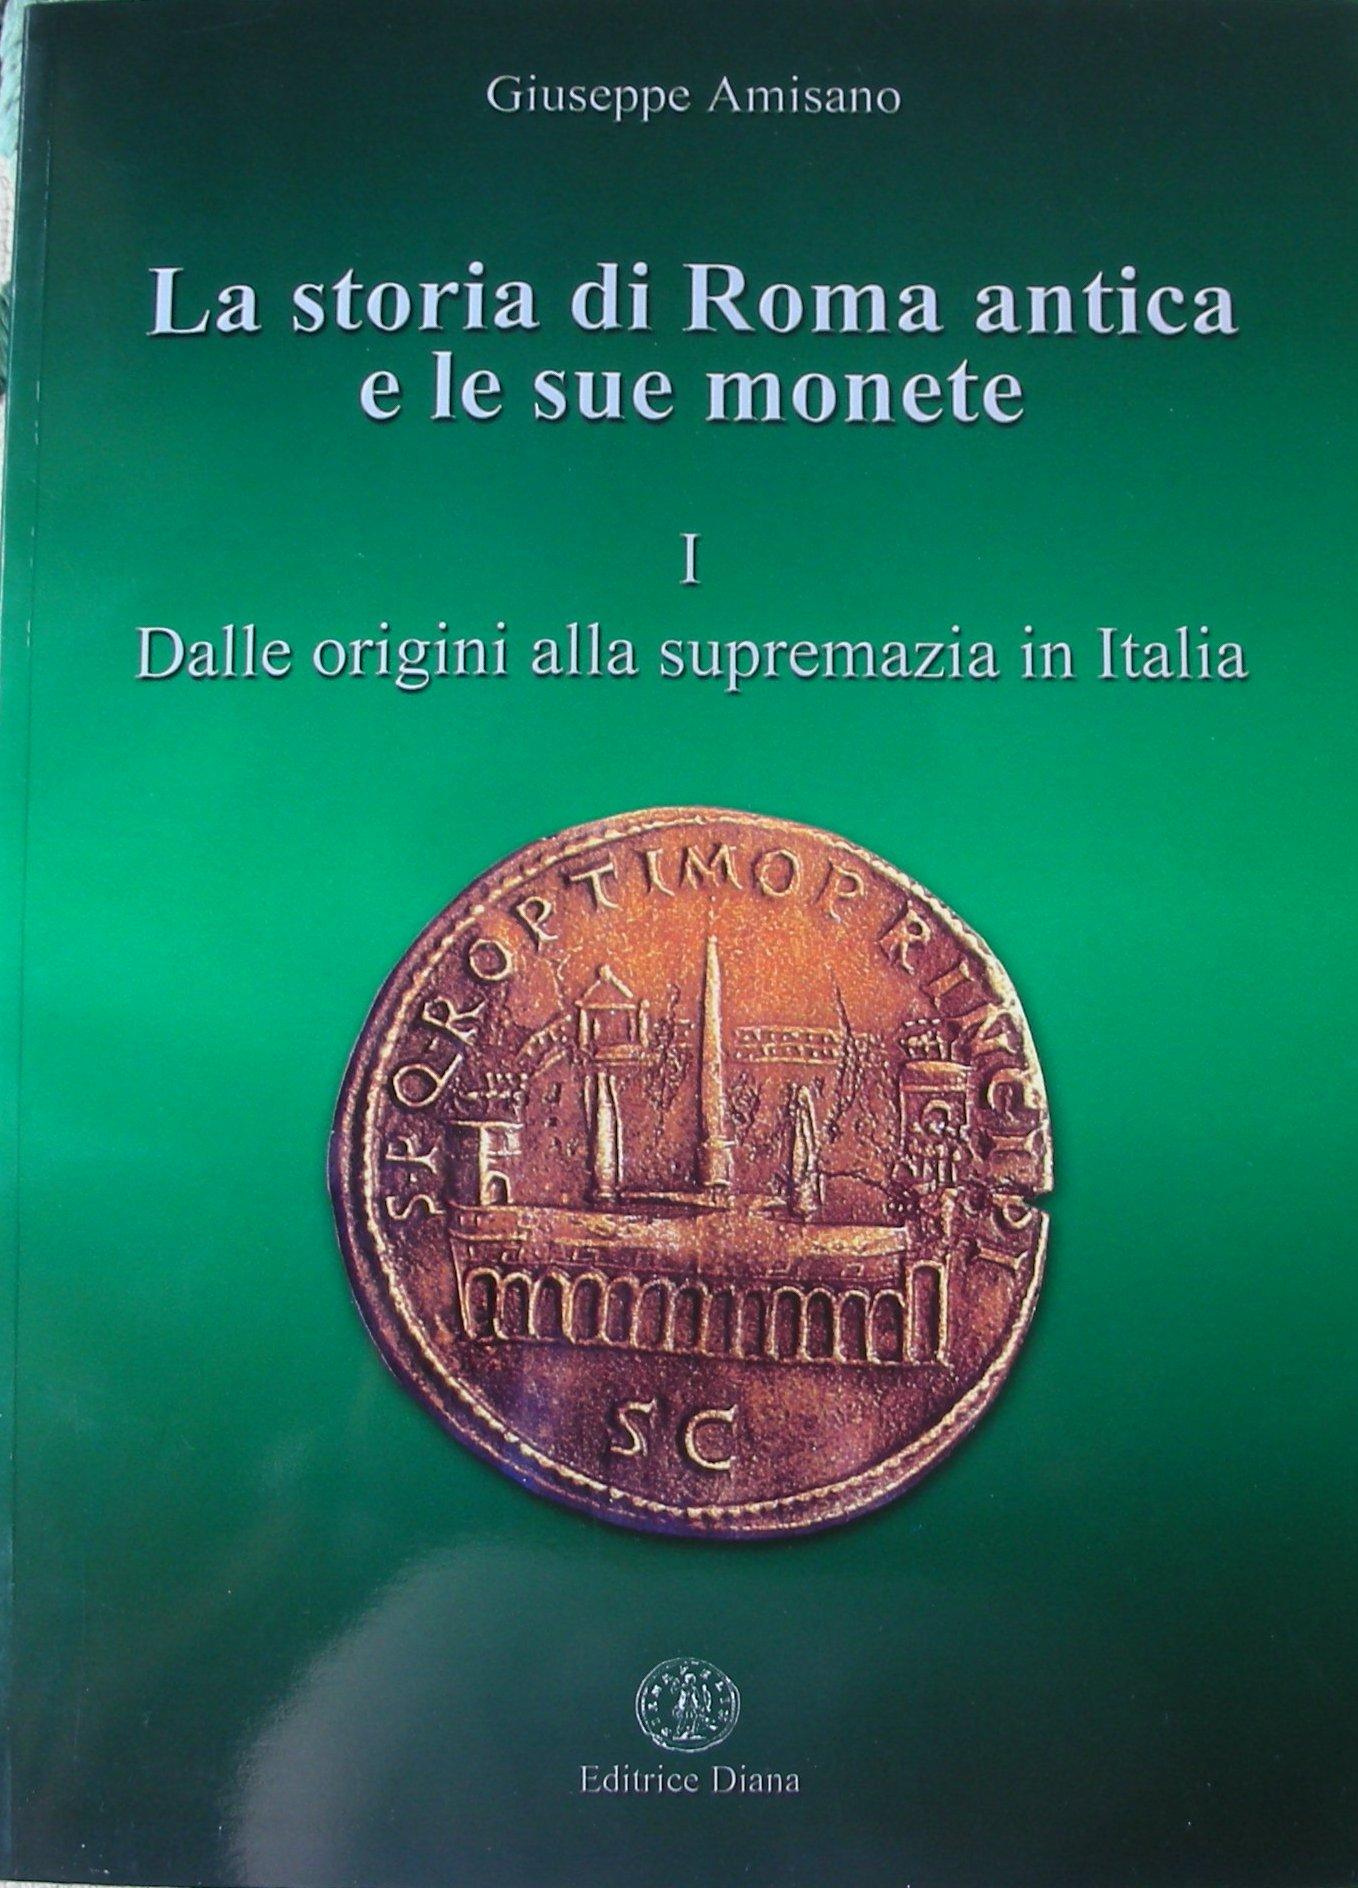 La storia di Roma antica e le sue monete - Vol. 1